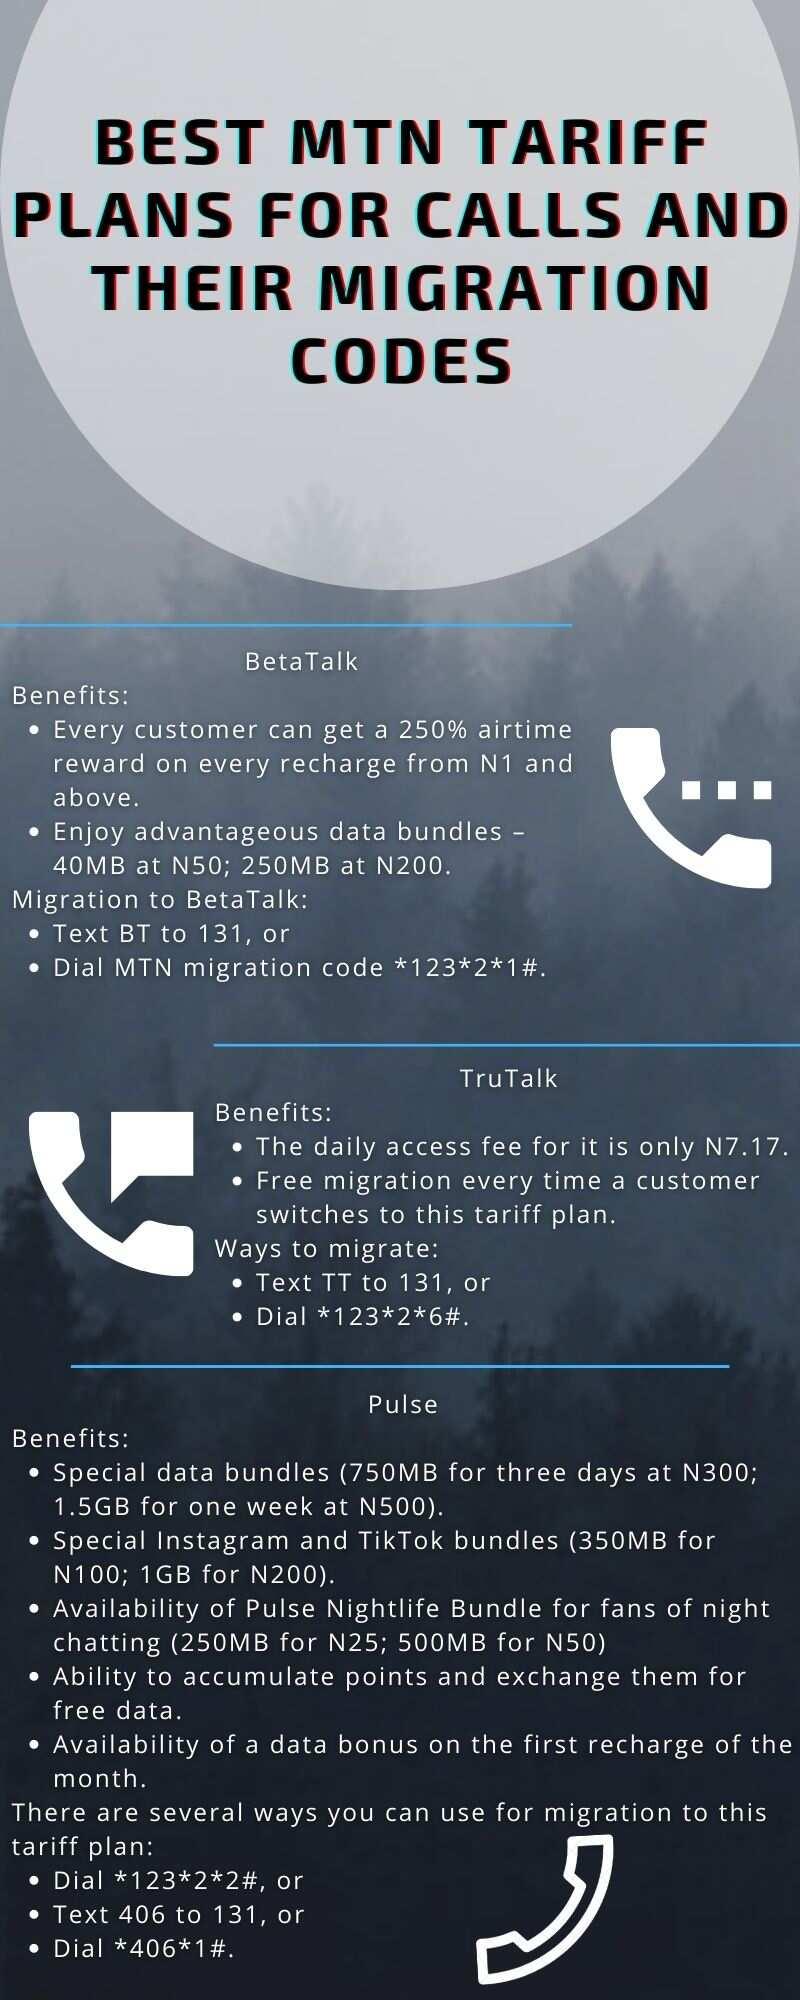 Best MTN tariff plans